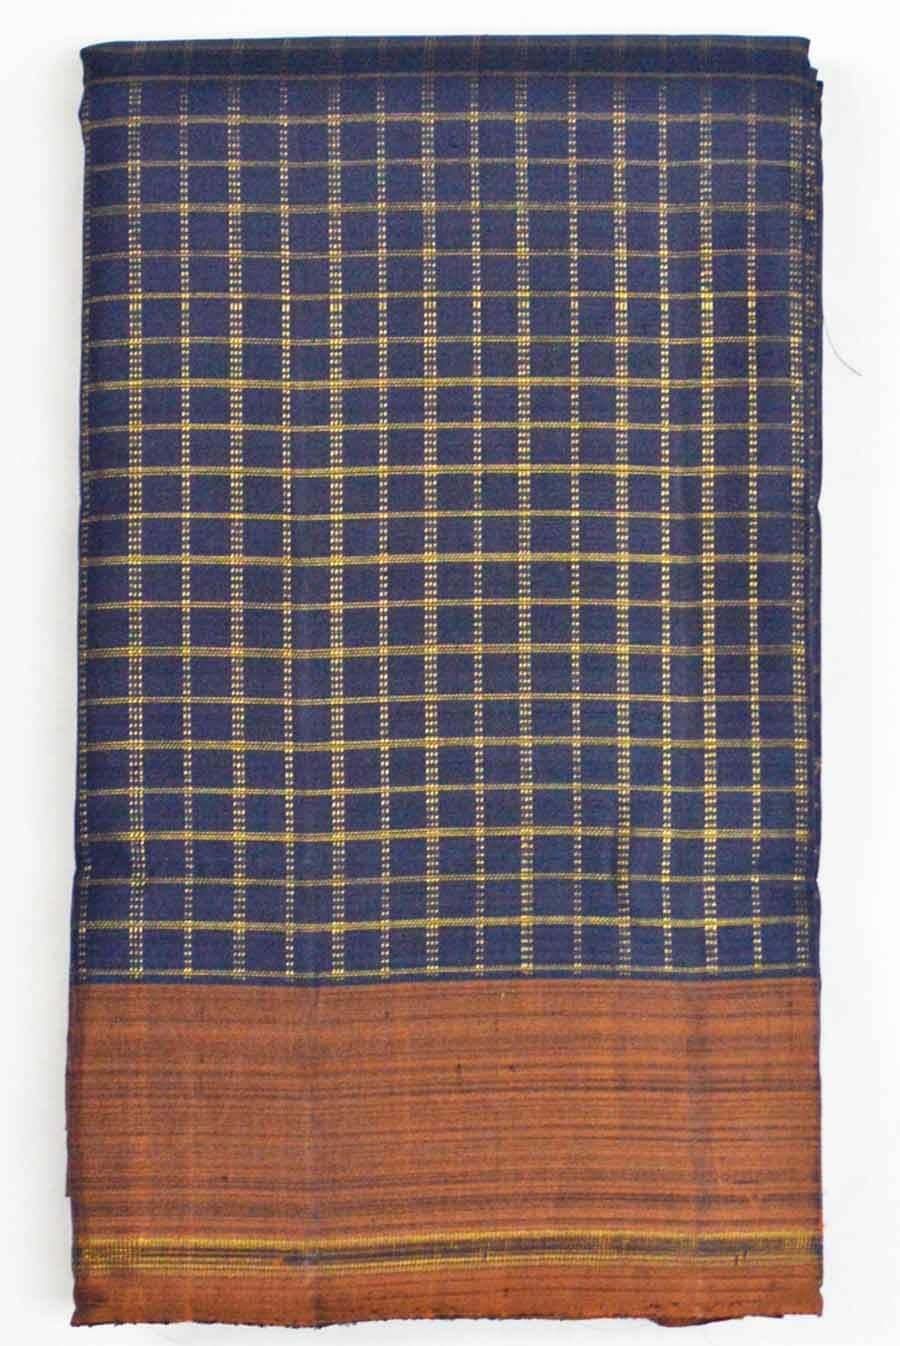 Kancheepuram 7633